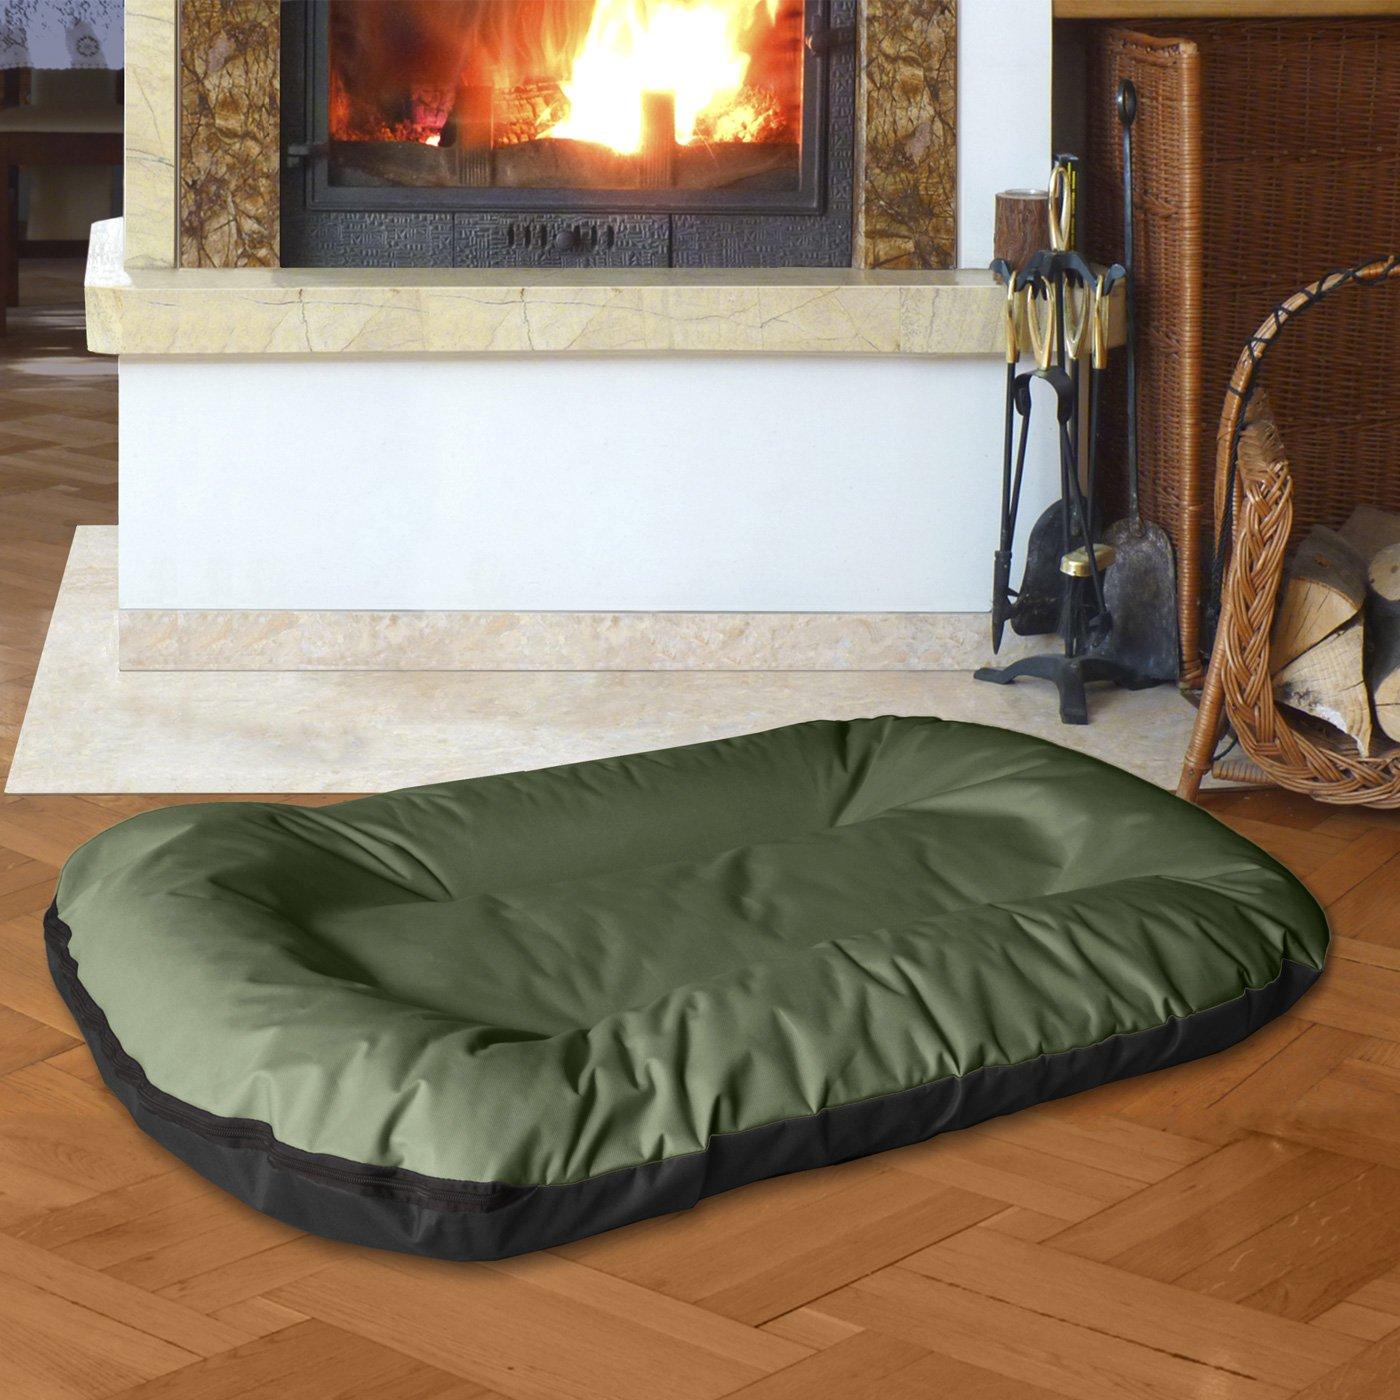 BedDog MASTI 2en1 verde/negro XXXL aprox. 120x105cm colchón para perro, 8 colores, cama para perro, sofá para perro, cesta para perro: Amazon.es: Productos ...